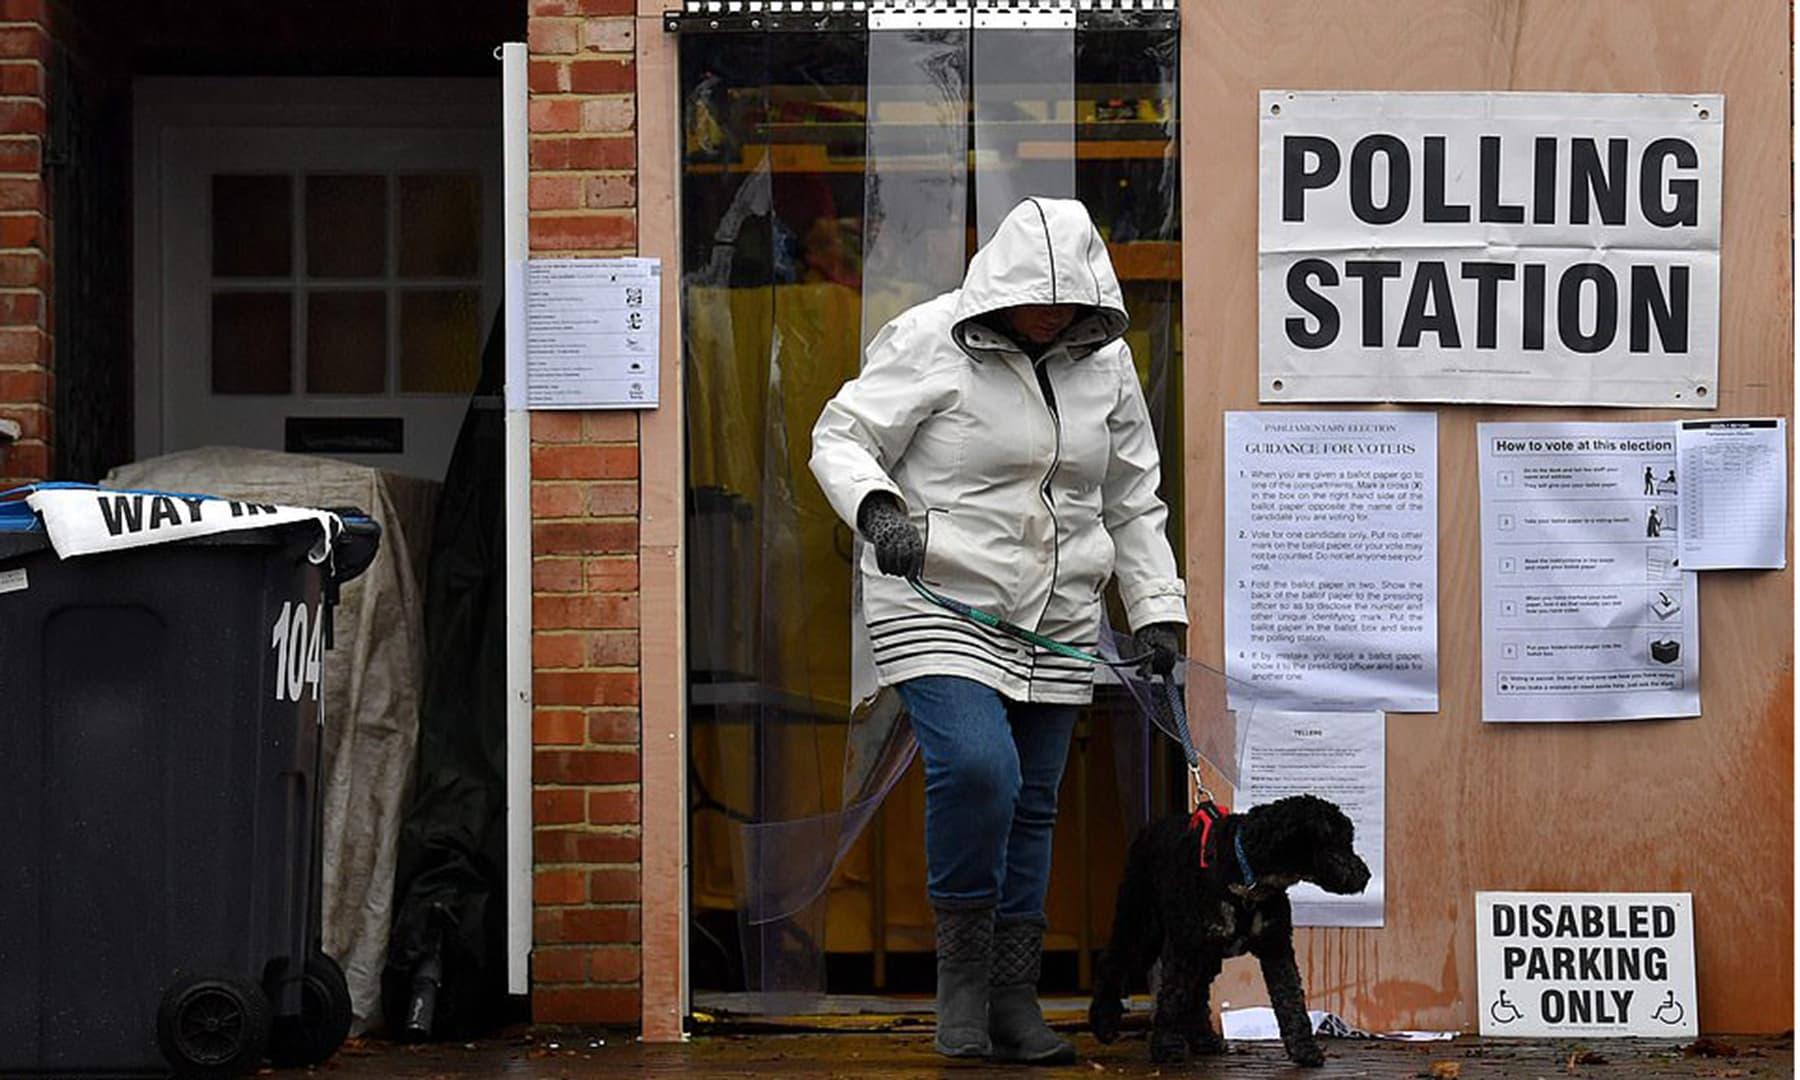 ایک شہری ووٹ ڈالنے کے بعد پولنگ اسٹیش سے باہر آرہا ہے—تصویر بشکریہ اے ایف پی